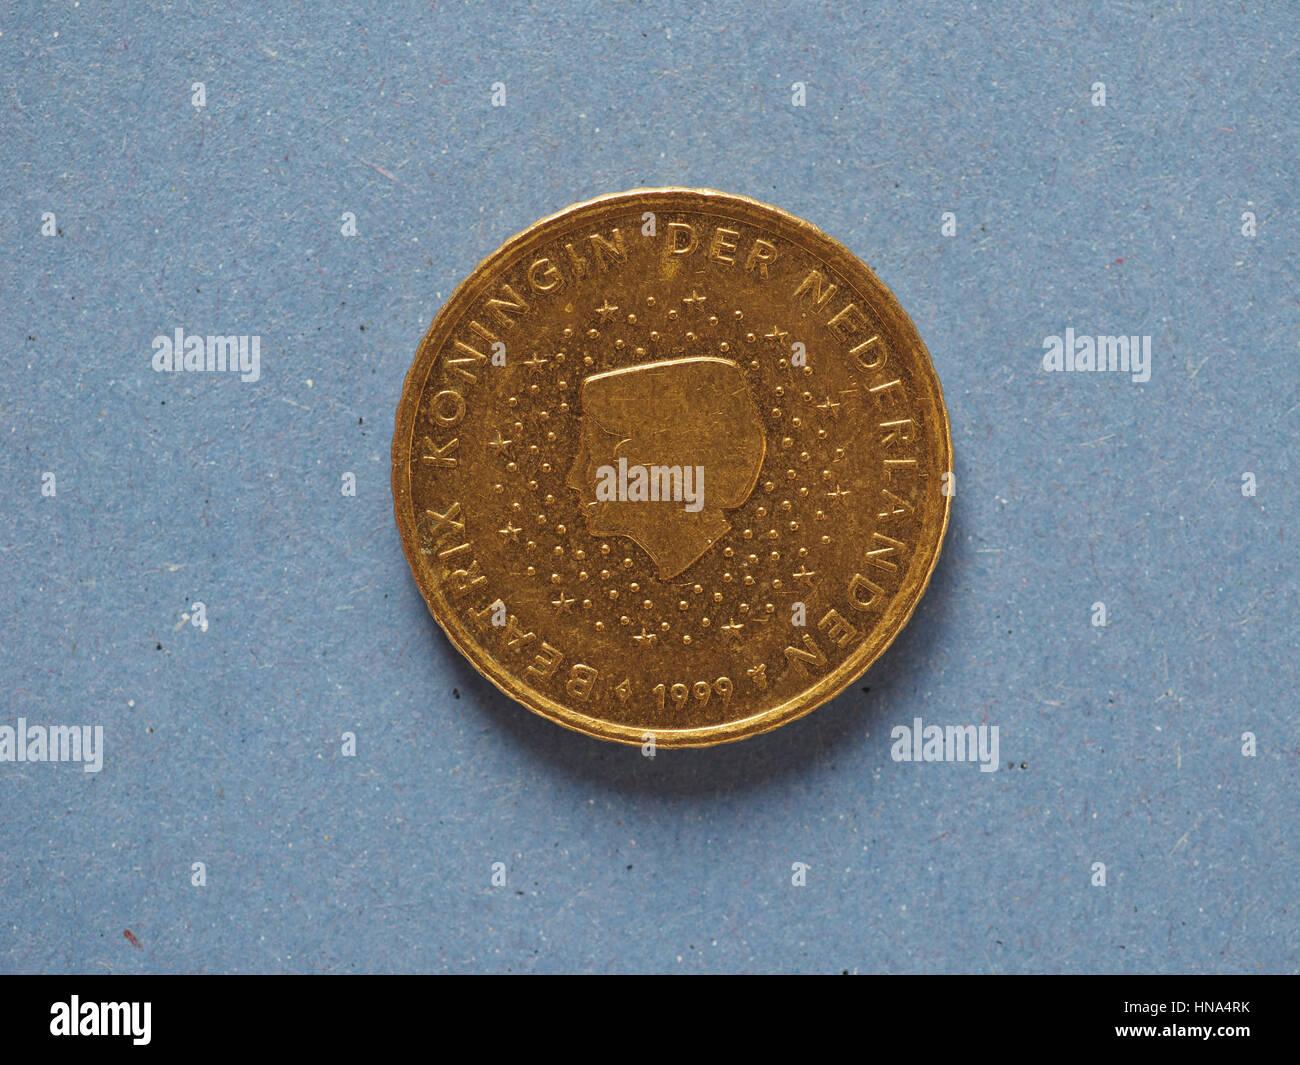 50 Cent Münze Geld Eur Währung Der Europäischen Union Niederlande